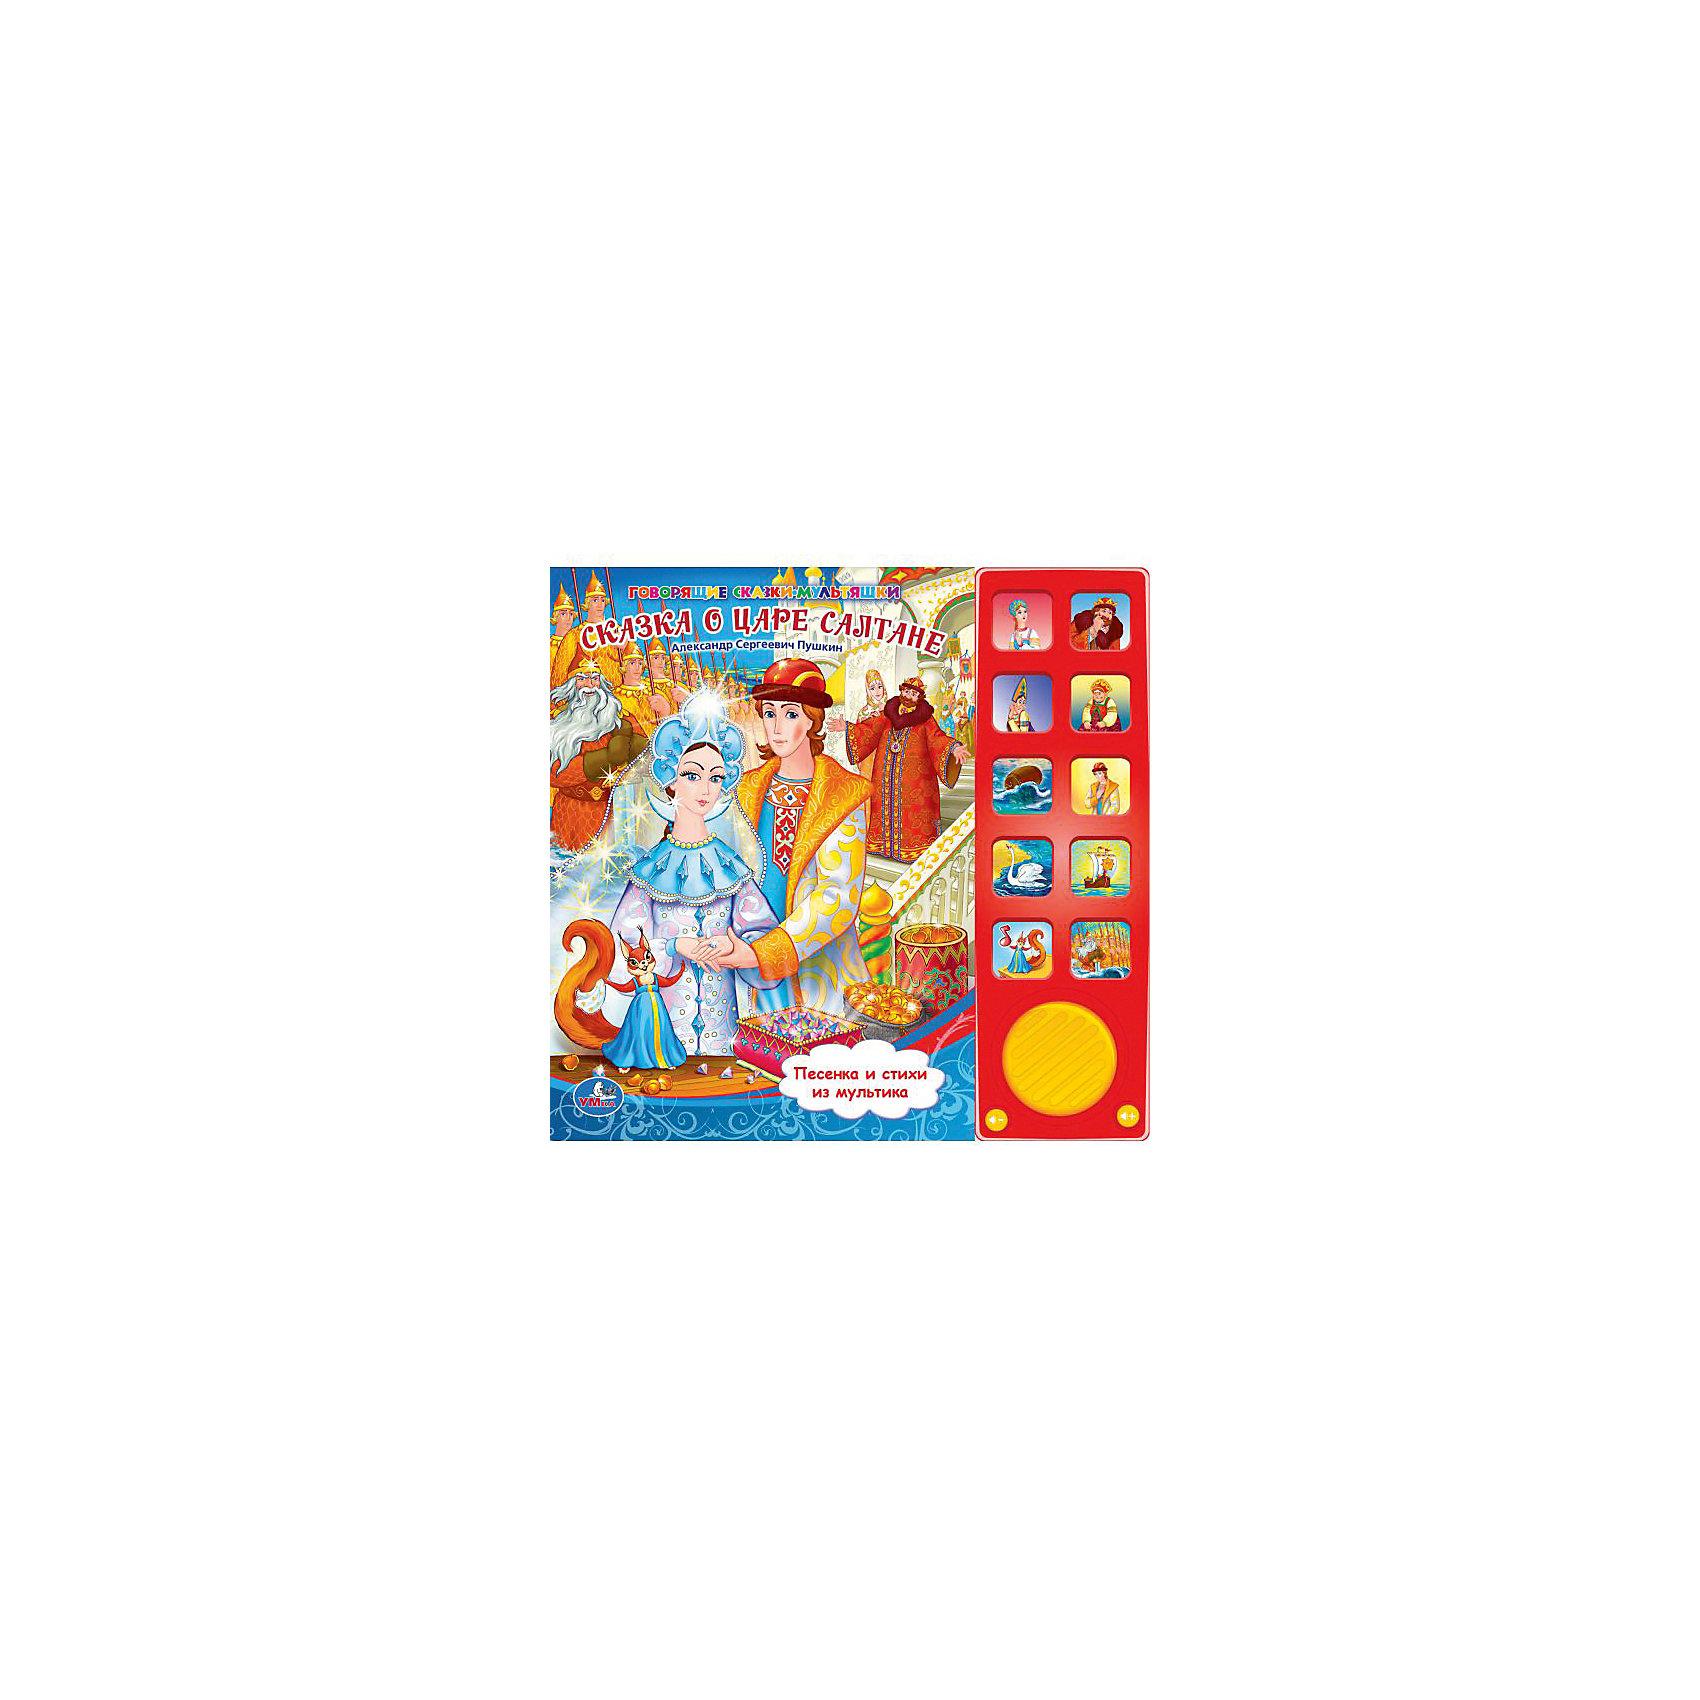 Книга со звуком Сказки о царе СалтанеХарактеристики товара:<br><br>• размер: 23x24 см<br>• материал: картон<br>• страниц: 10<br>• возраст: от года<br>• 10 звуковых кнопок с фразами и песенками<br>• цветные иллюстрации<br>• страна бренда: РФ<br>• страна изготовитель: РФ<br><br>Сказки и стихи не только развлекают малышей, они помогают учиться и познавать мир! Такая книжка станет отличным подарком ребенку и родителям - ведь с помощью неё можно слушать персонажей, прививать любовь к чтению, а также рассматривать картинки. Формат - очень удобный, качество печати - отличное! Книжка дополнена яркими картинками. Книжки со звуком особенно нравятся малышам.<br>Чтение даже в юном возрасте помогает детям развивать важные навыки и способности, оно активизирует мышление, формирует усидчивость, логику и воображение. Изделие производится из качественных и проверенных материалов, которые безопасны для детей.<br><br>Книжку со звуком Сказки о царе Салтане от бренда Умка можно купить в нашем интернет-магазине.<br><br>Ширина мм: 20<br>Глубина мм: 230<br>Высота мм: 240<br>Вес г: 470<br>Возраст от месяцев: 36<br>Возраст до месяцев: 72<br>Пол: Унисекс<br>Возраст: Детский<br>SKU: 5196876